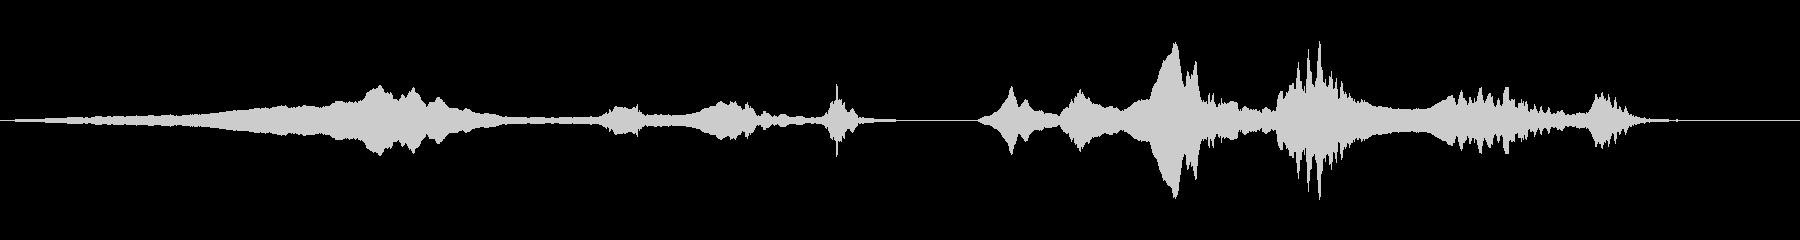 尺八 生演奏 古典風 残響音有 4の未再生の波形